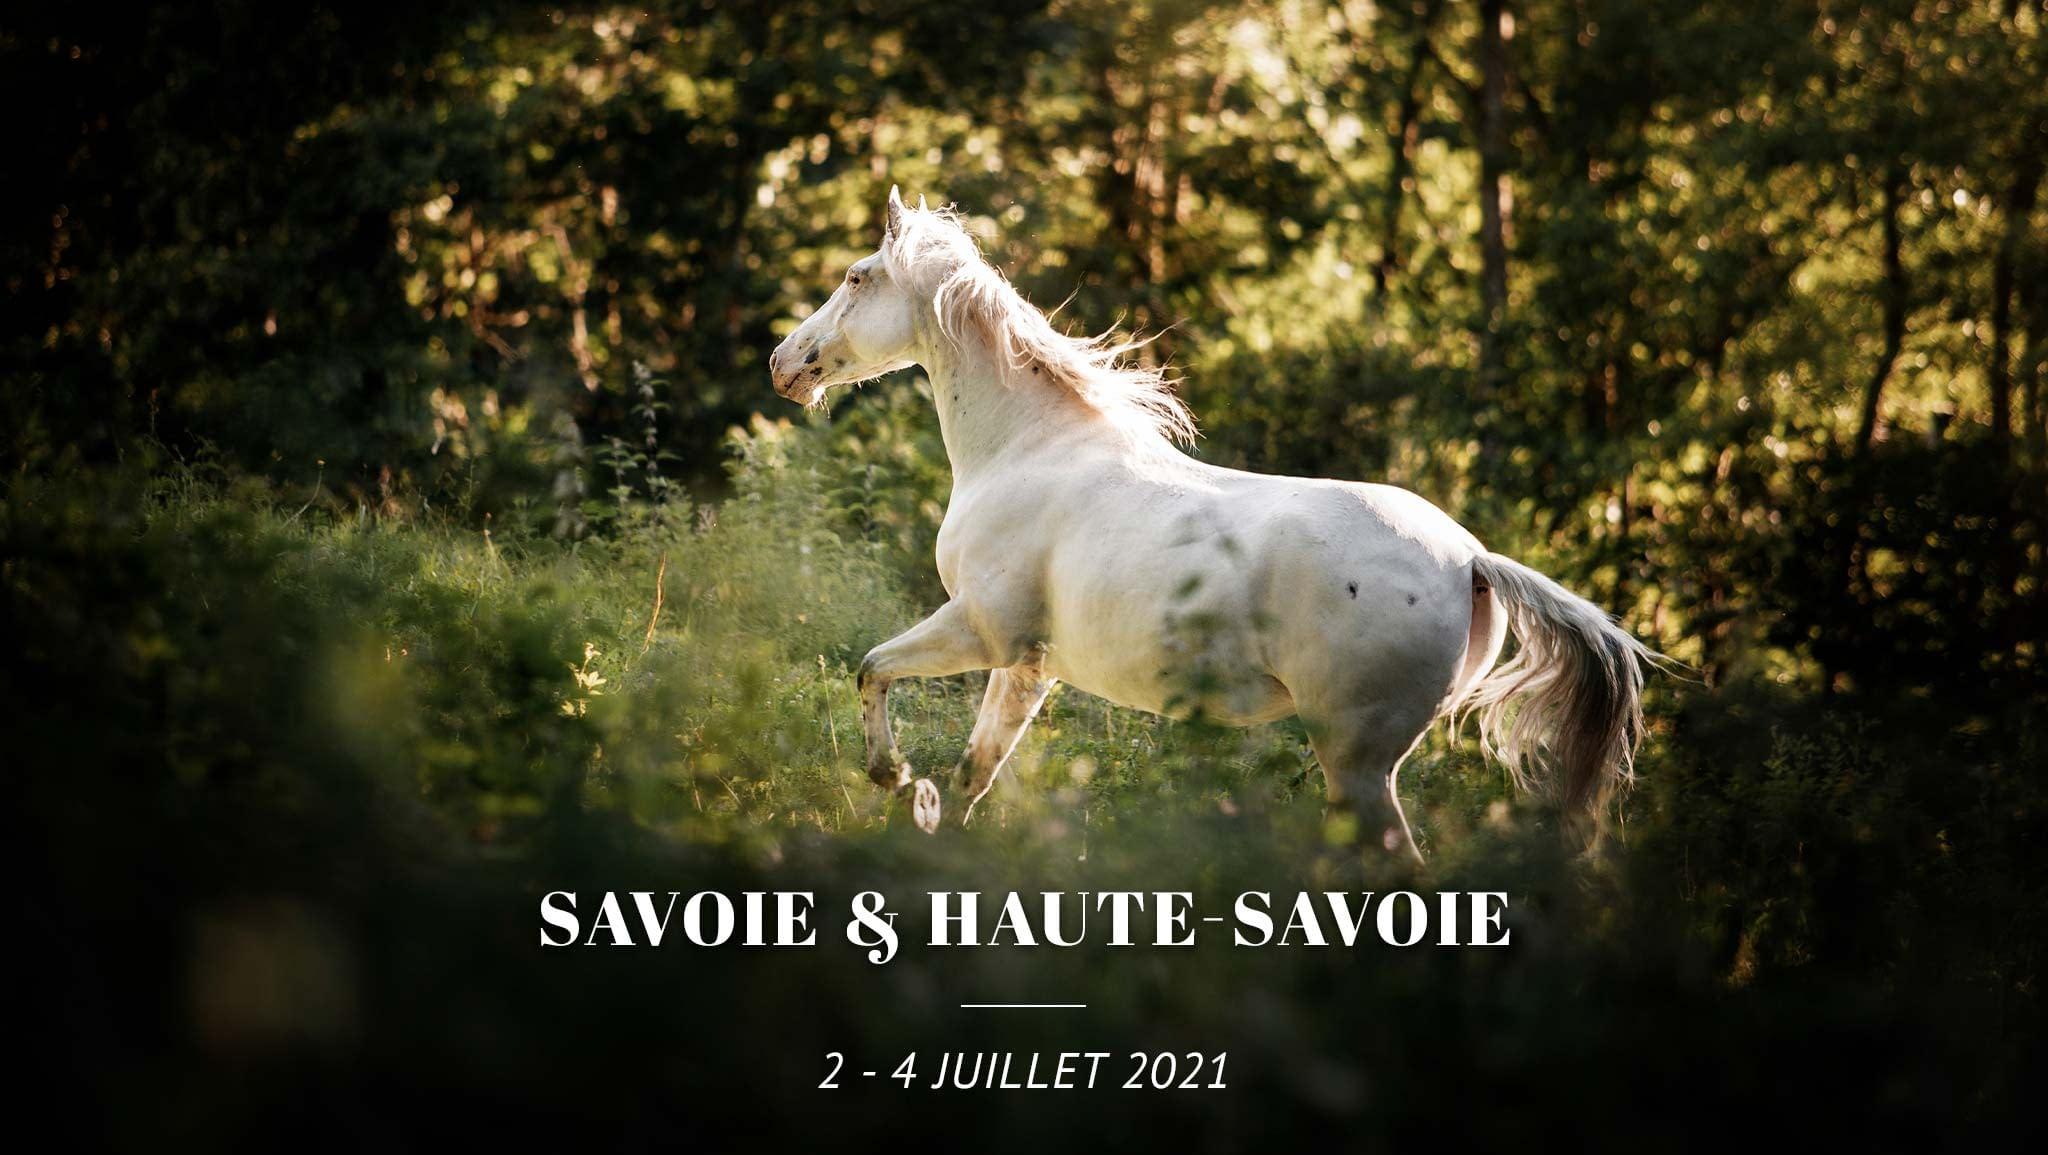 Tournée photo en Savoie Chambéry, Albertville